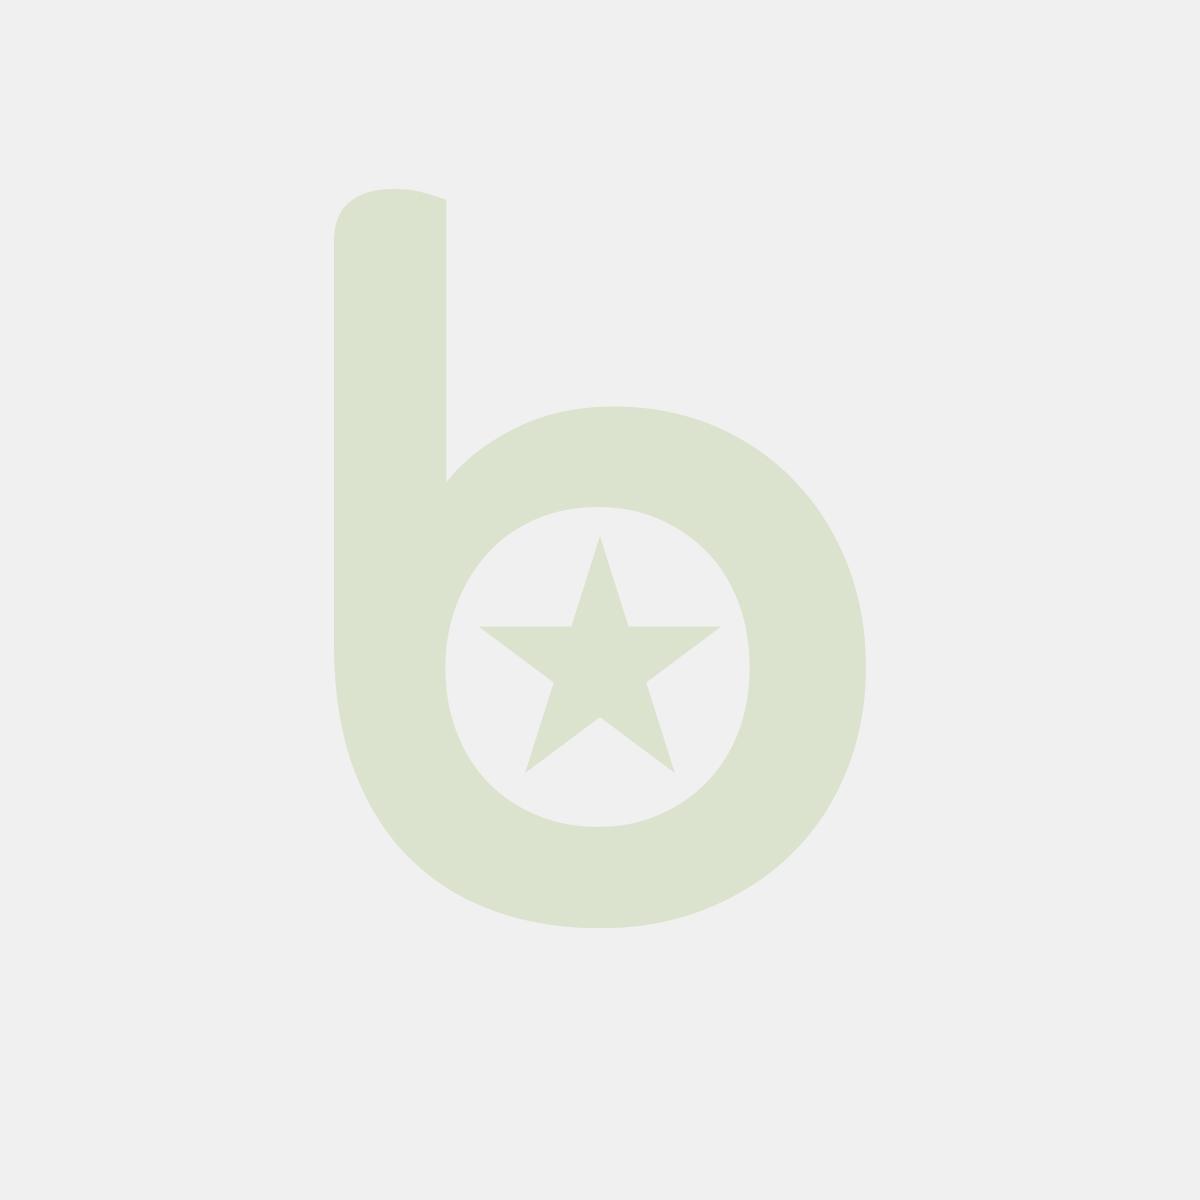 Talerzyk FINGERFOOD, czarny, trójdzielny, PS, 50szt. w opakowaniu